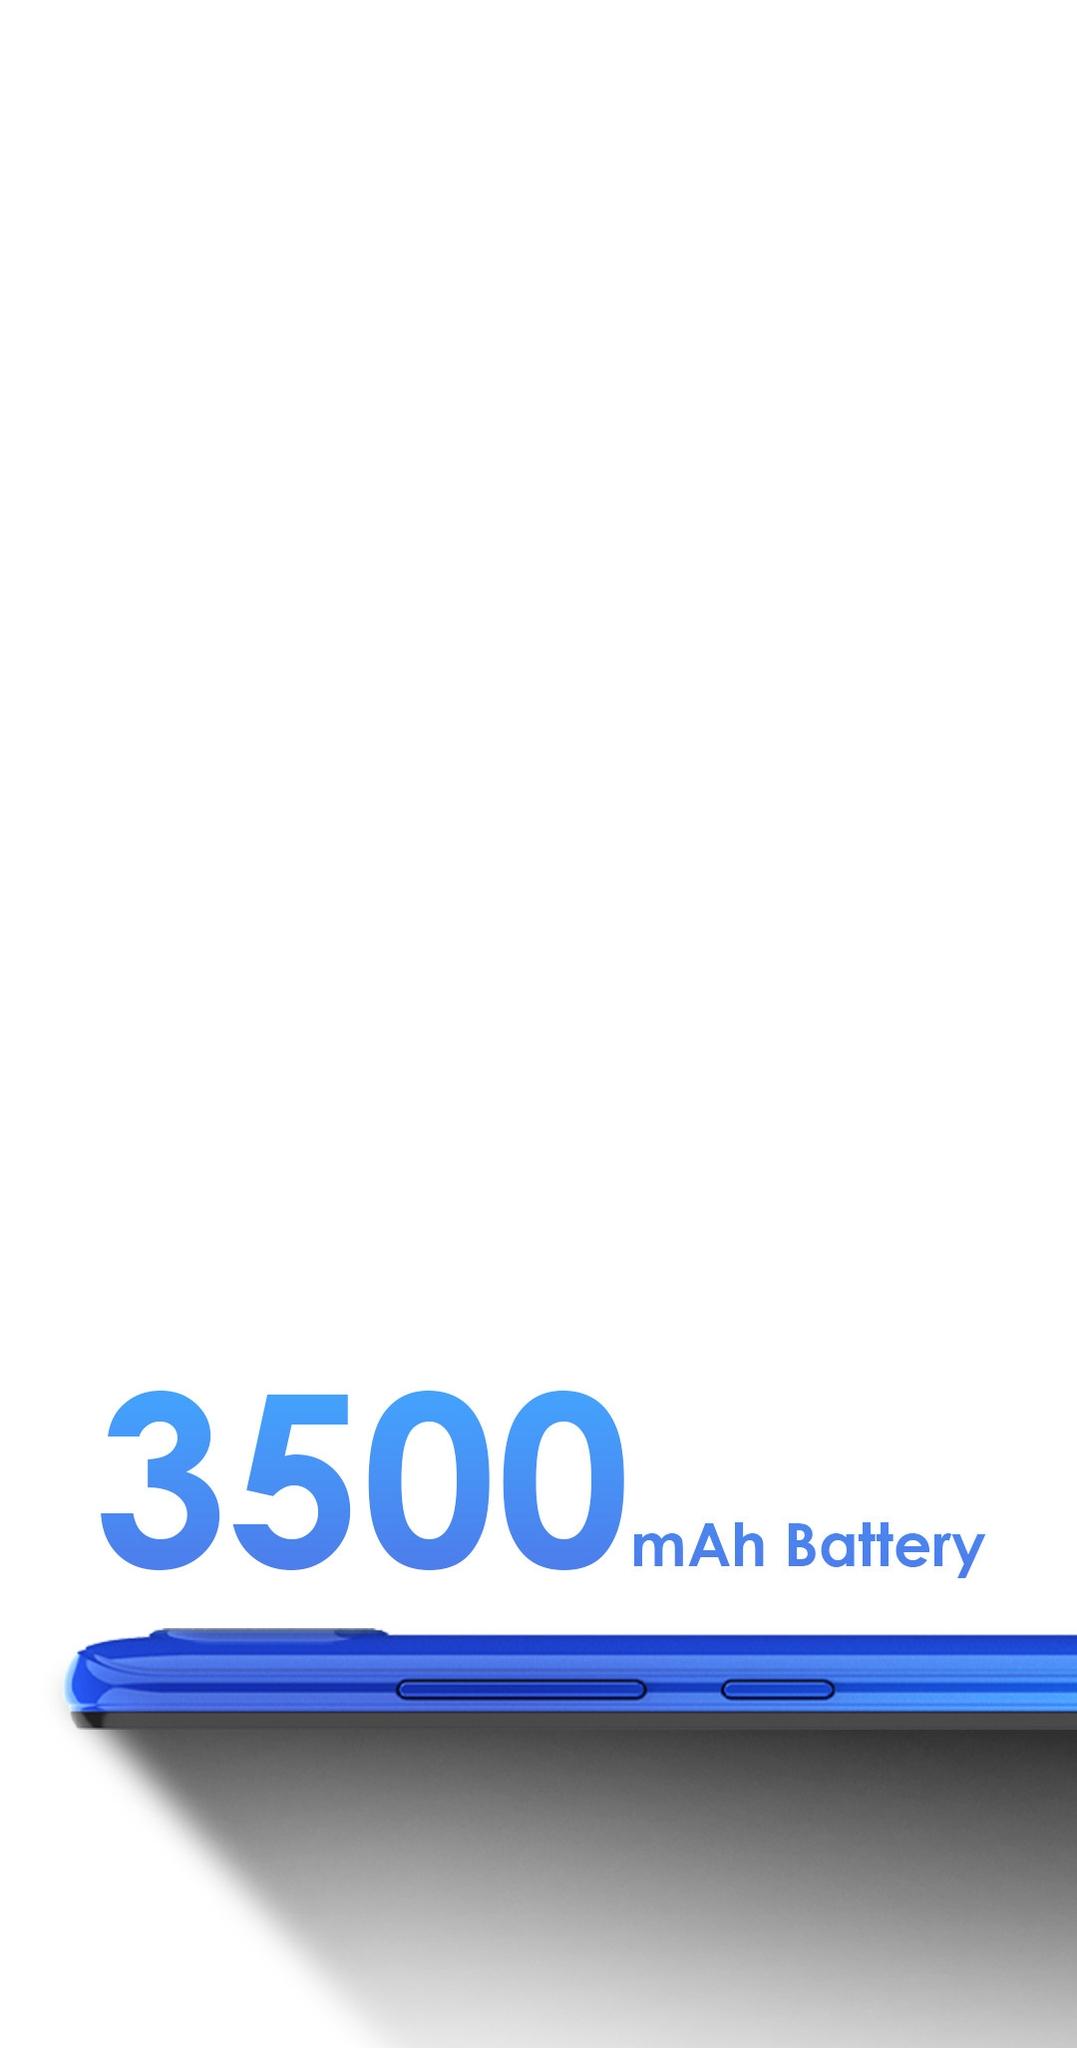 a166f5d99be5b59cd49198c4c559d636 call 0711477775 or 0711114001